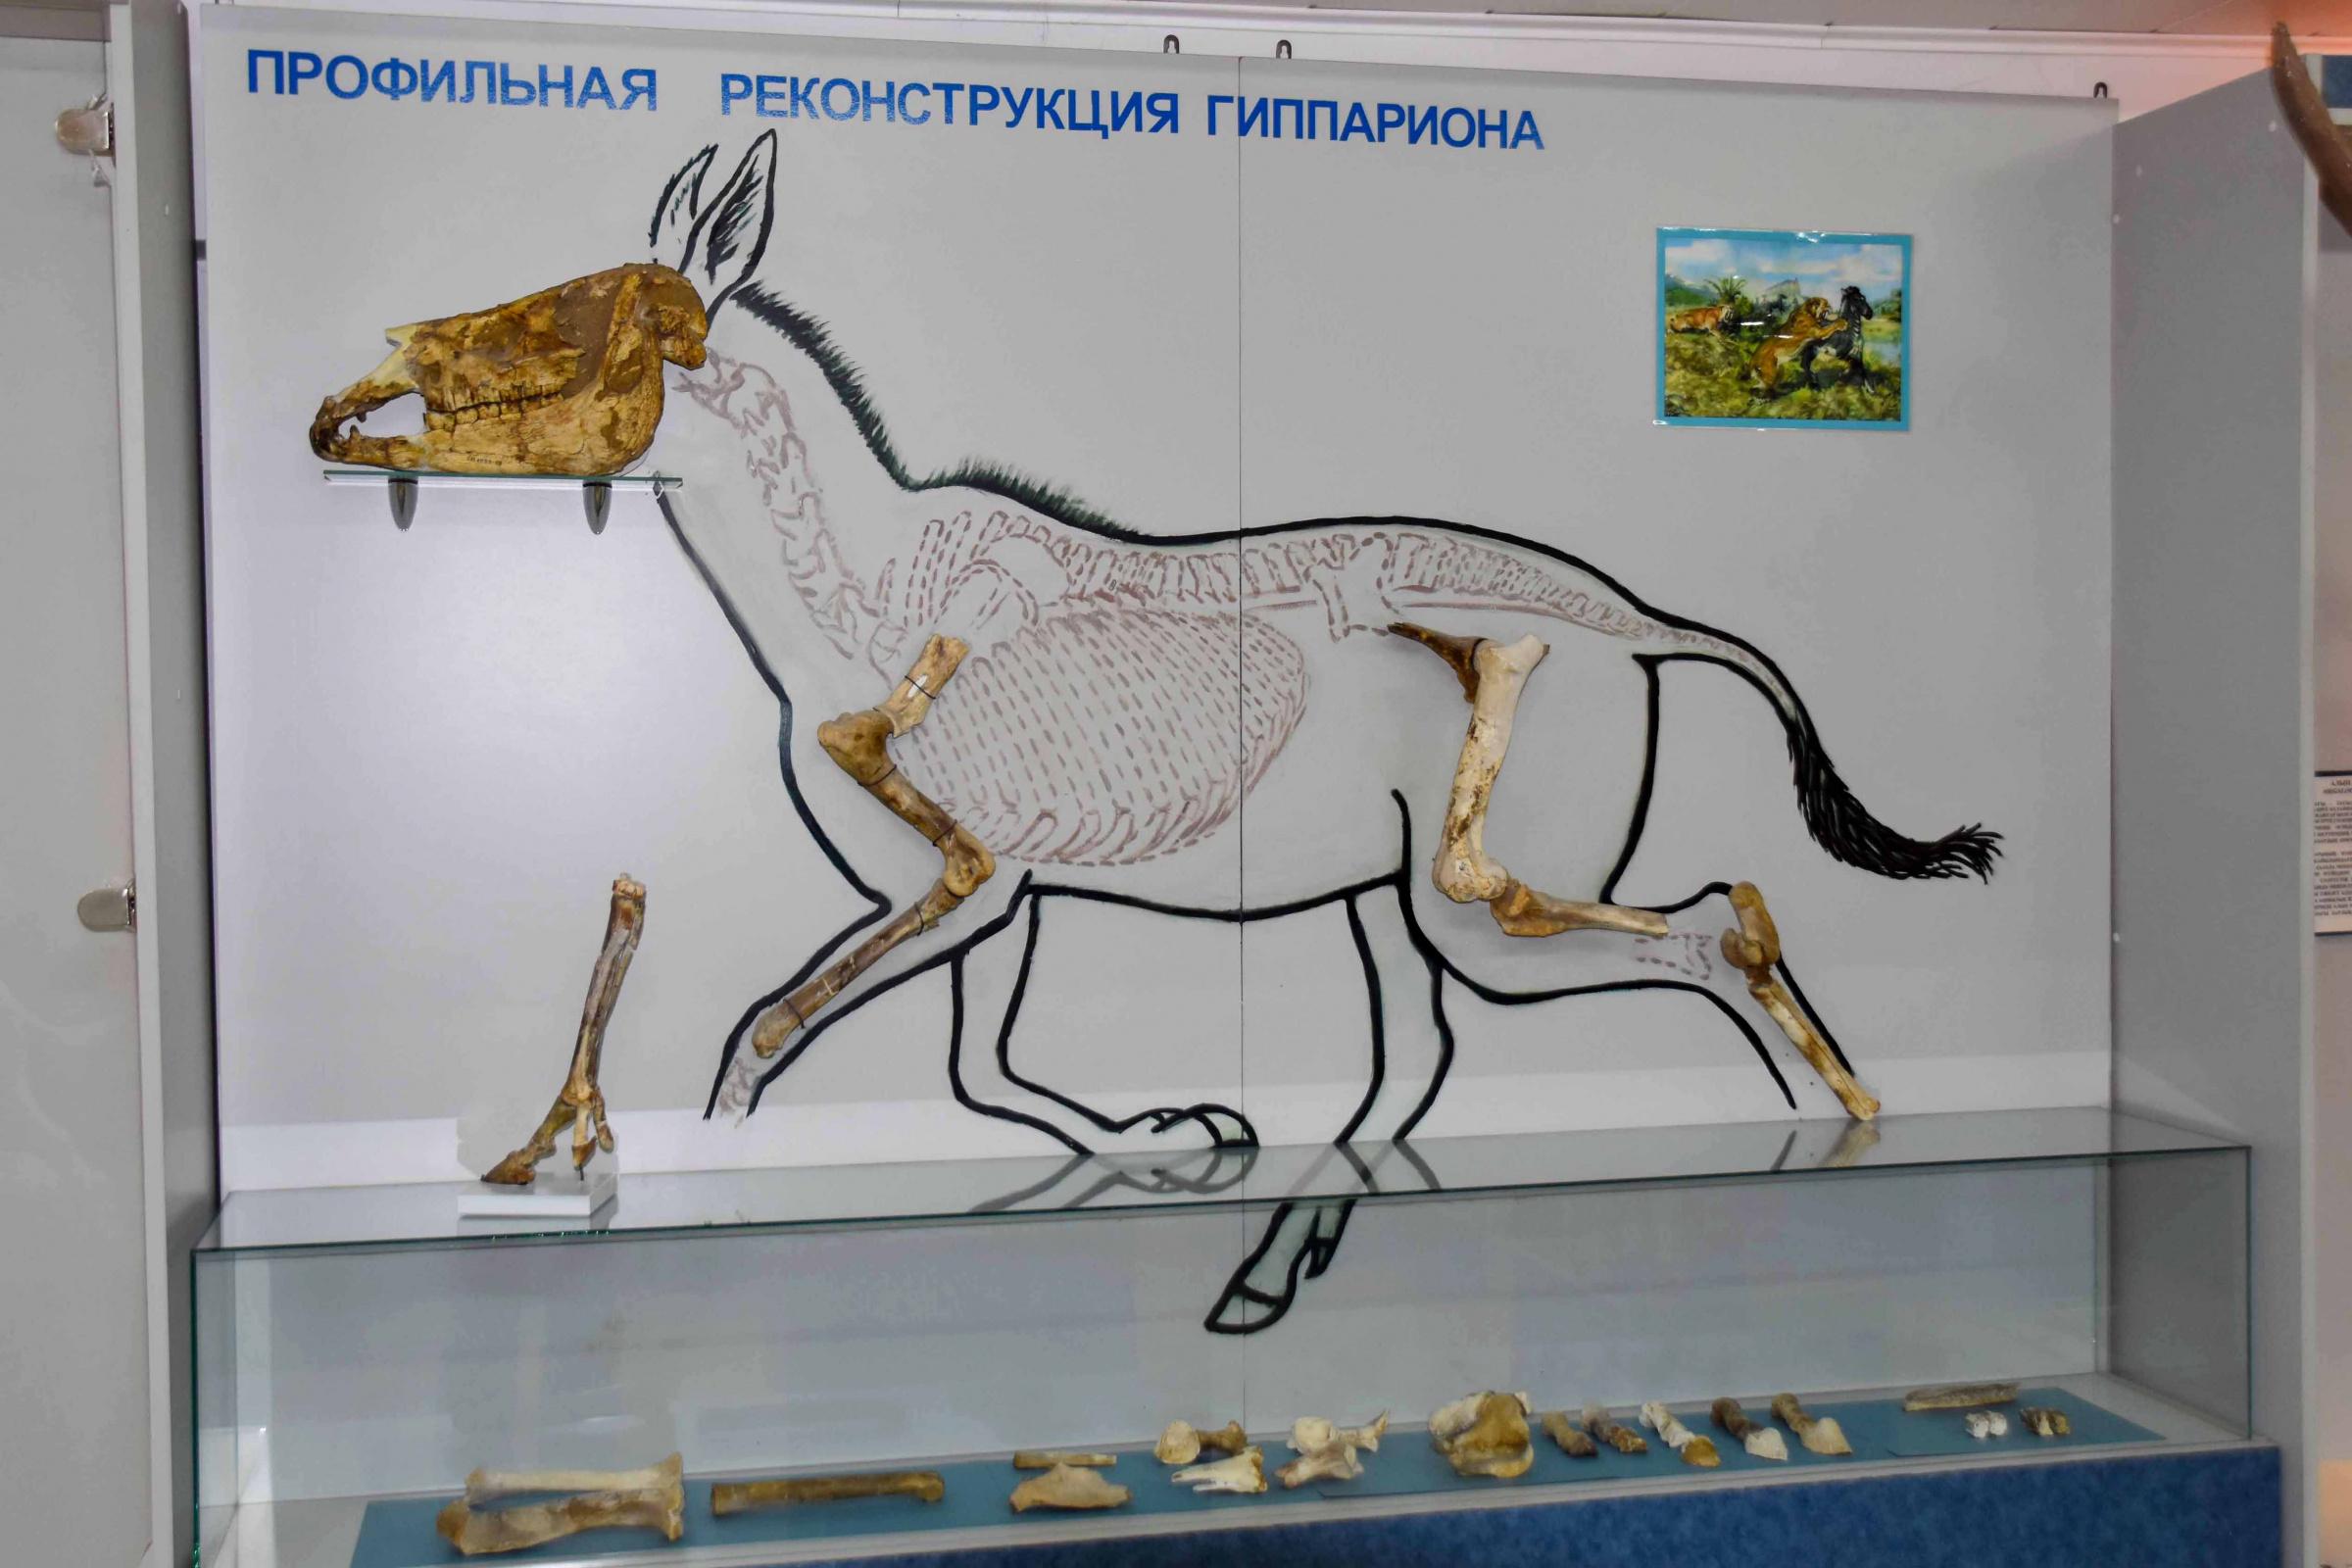 Стенд «Профильная реконструкция гиппариона» в музее Павлодарского государственного педагогического университета